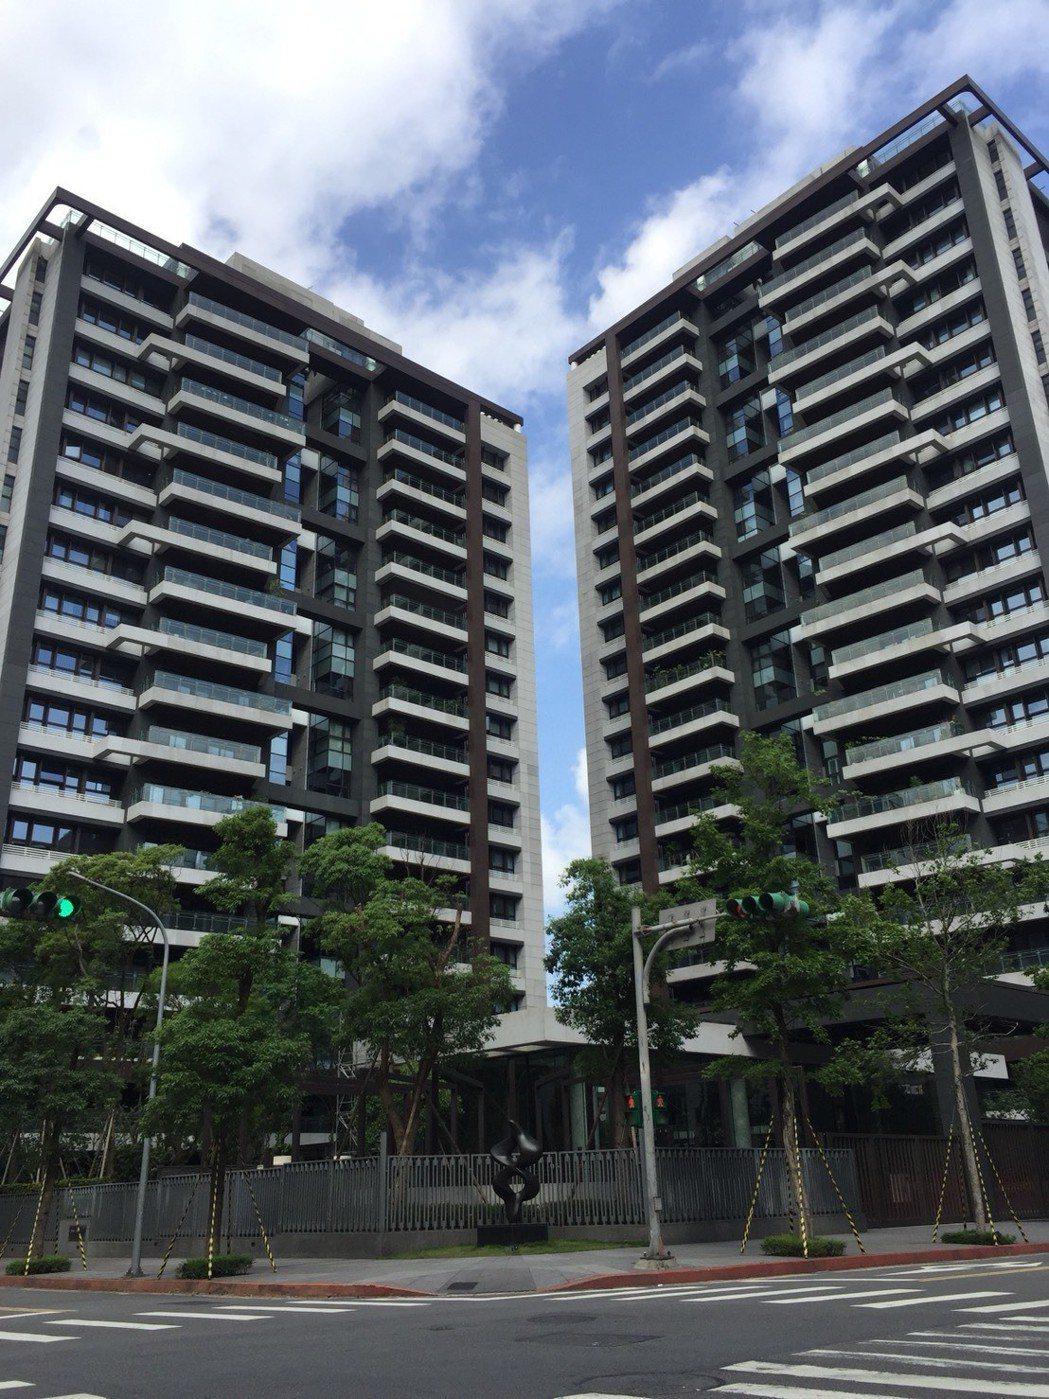 台北南港唯一未出現筆筆賠售的大坪數豪宅「大同璽苑」。圖/台灣房屋提供